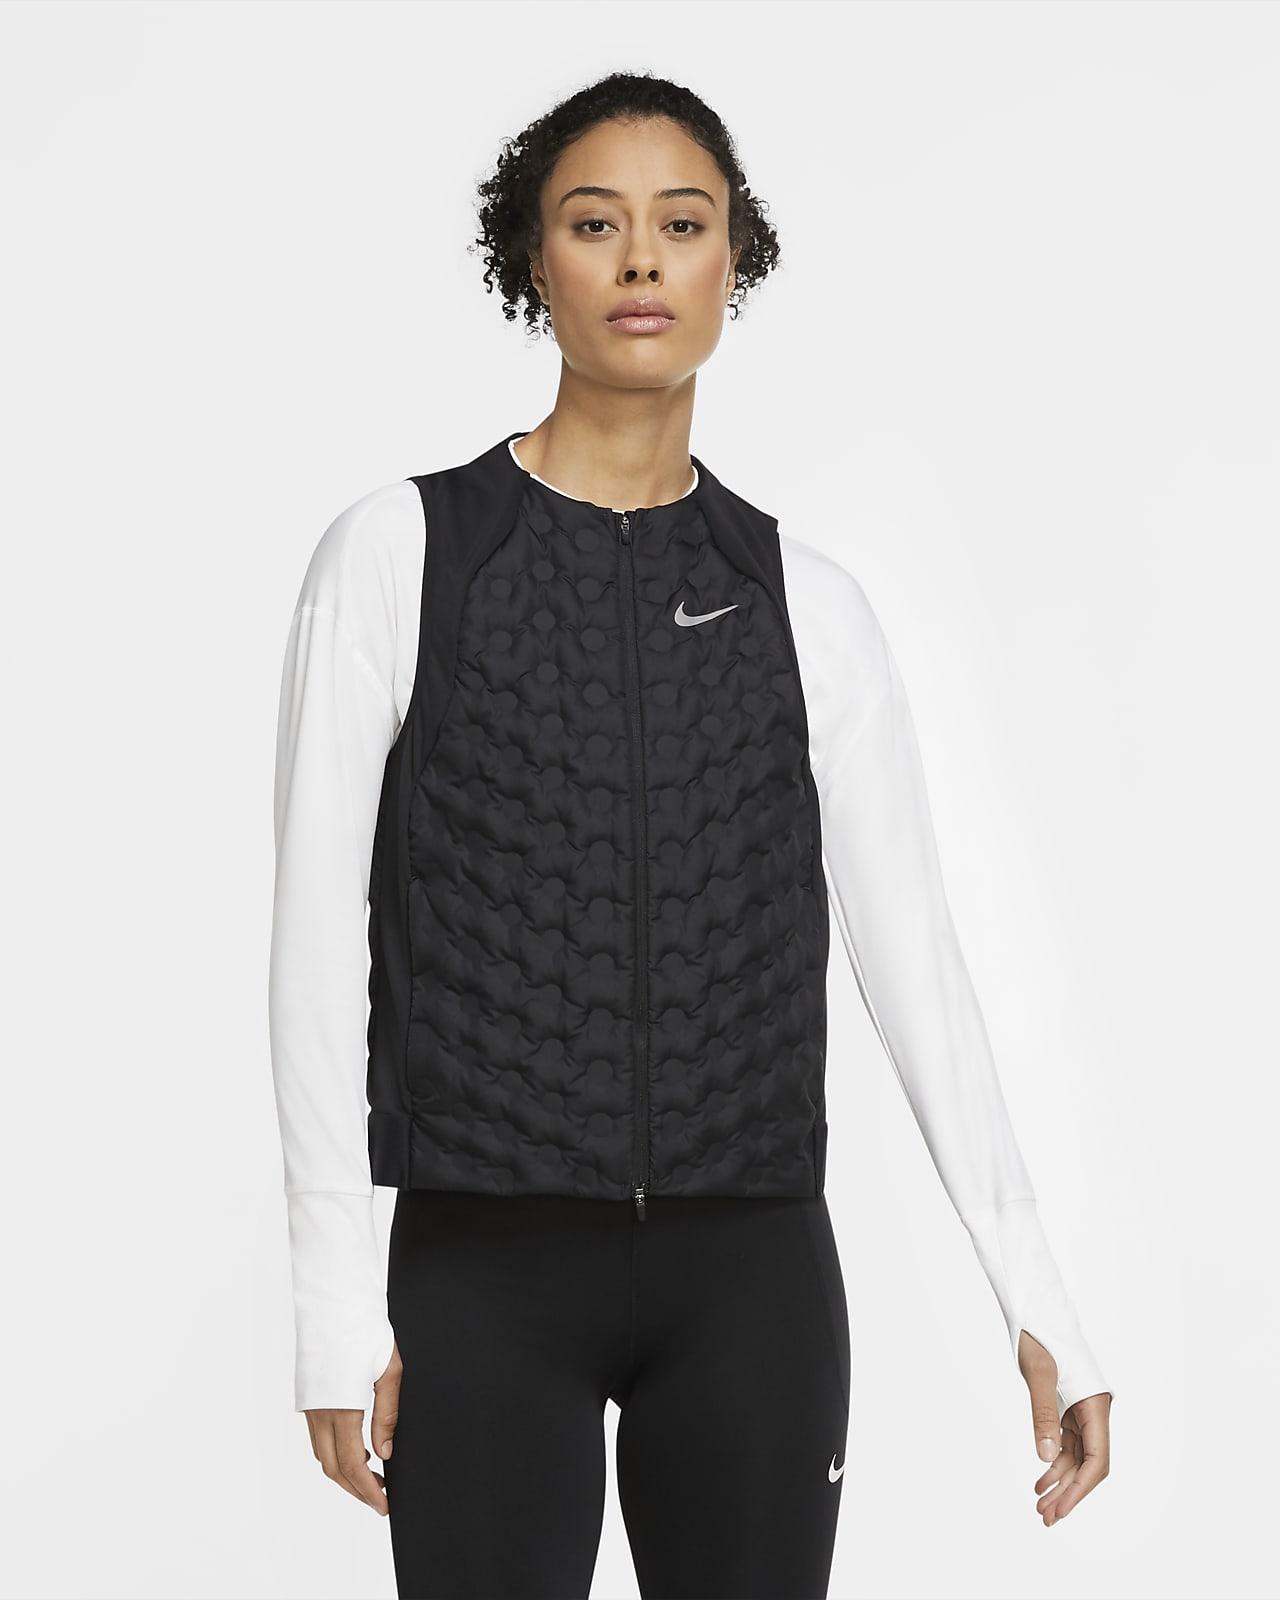 Löparväst Nike Aeroloft för kvinnor